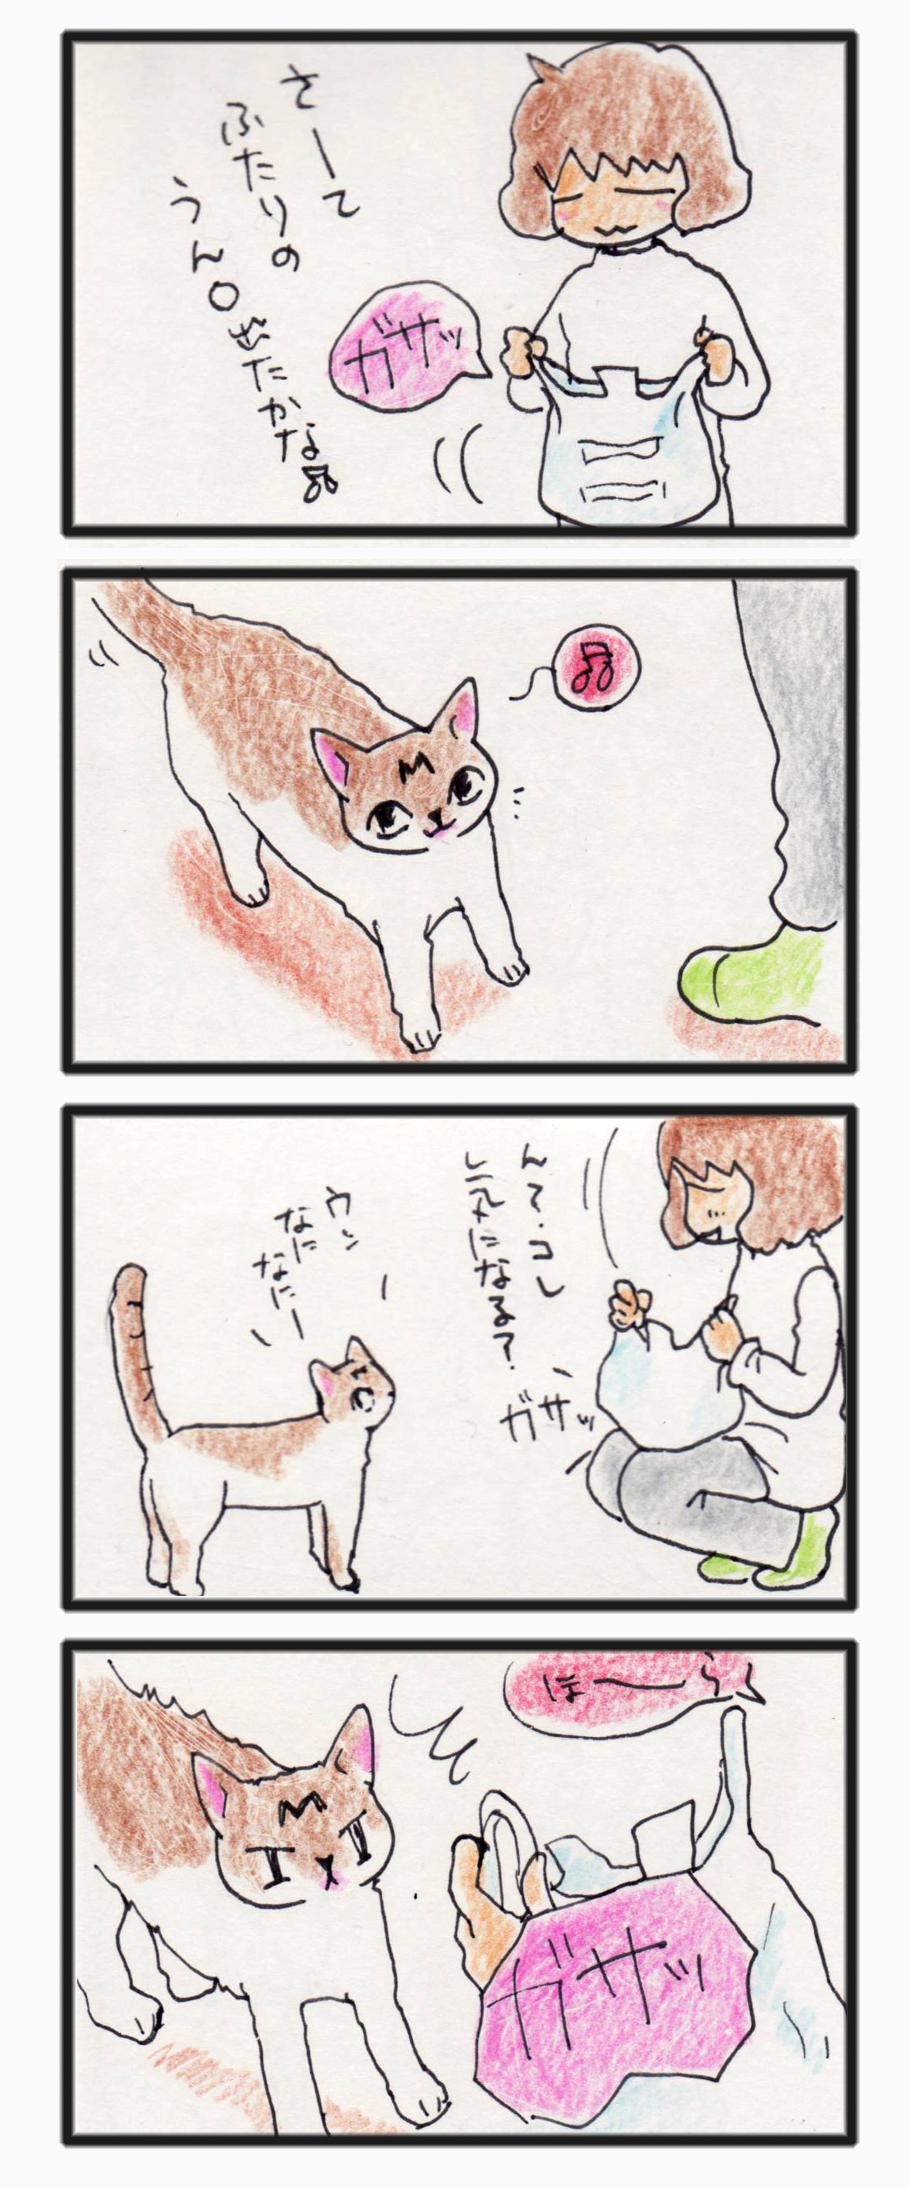 comic_4c_14040101.jpg